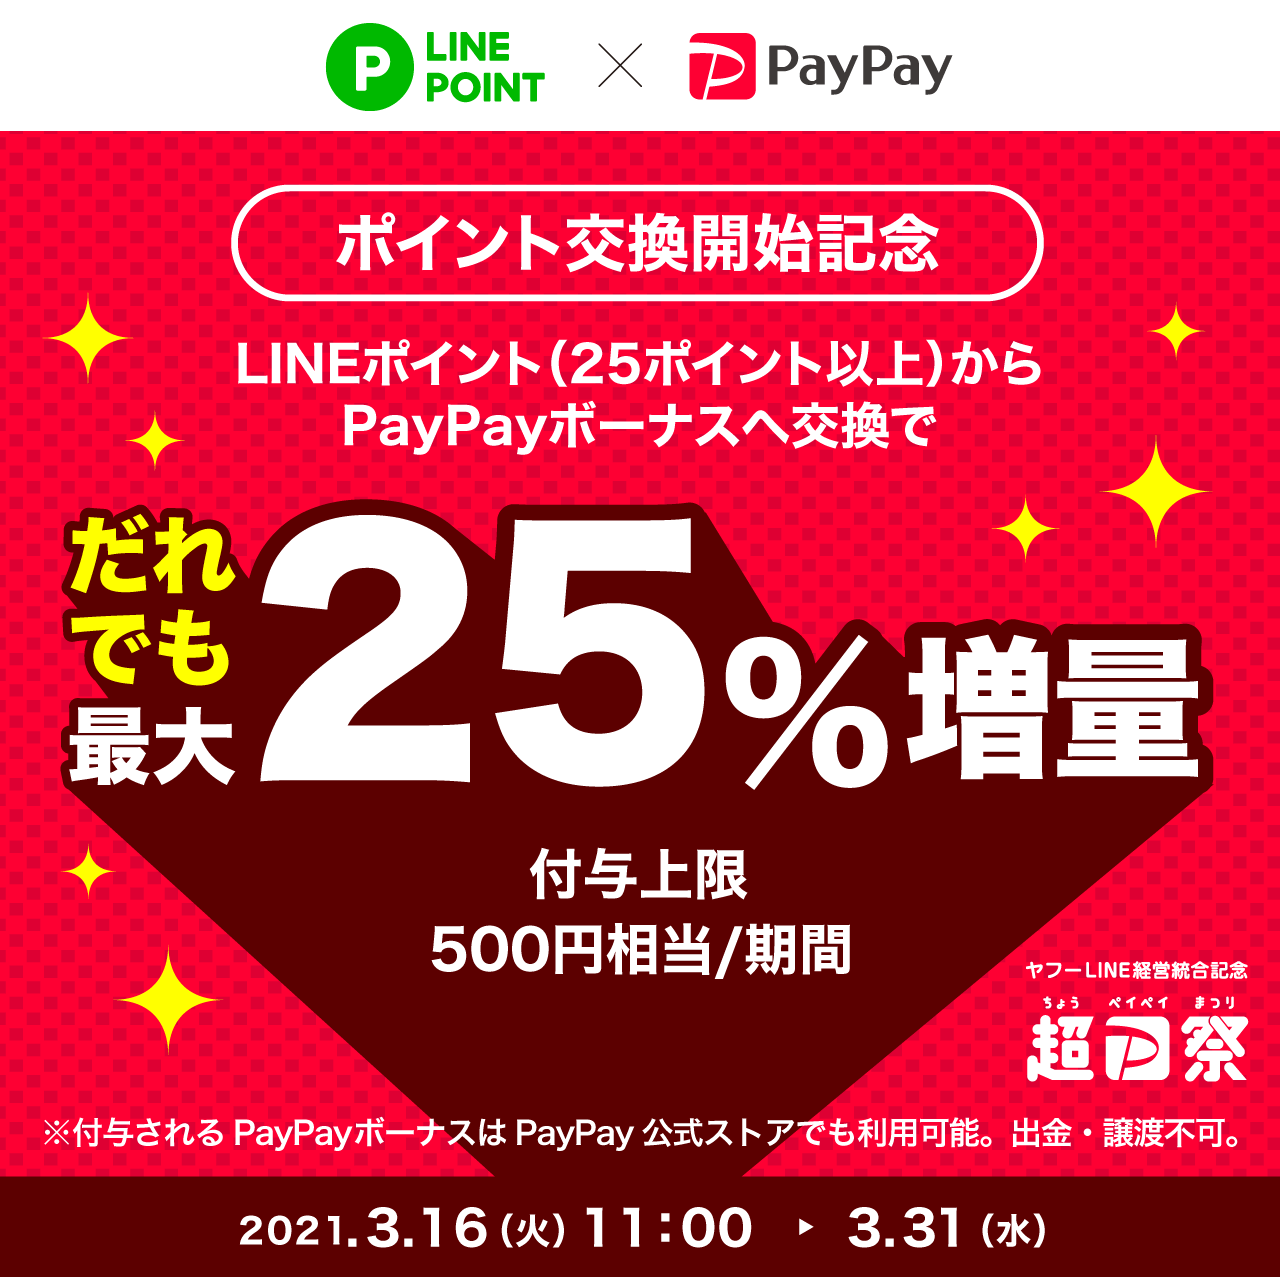 ポイント交換開始記念 LINEポイント(25ポイント以上)からPayPayボーナスへ交換で だれでも最大25%増量